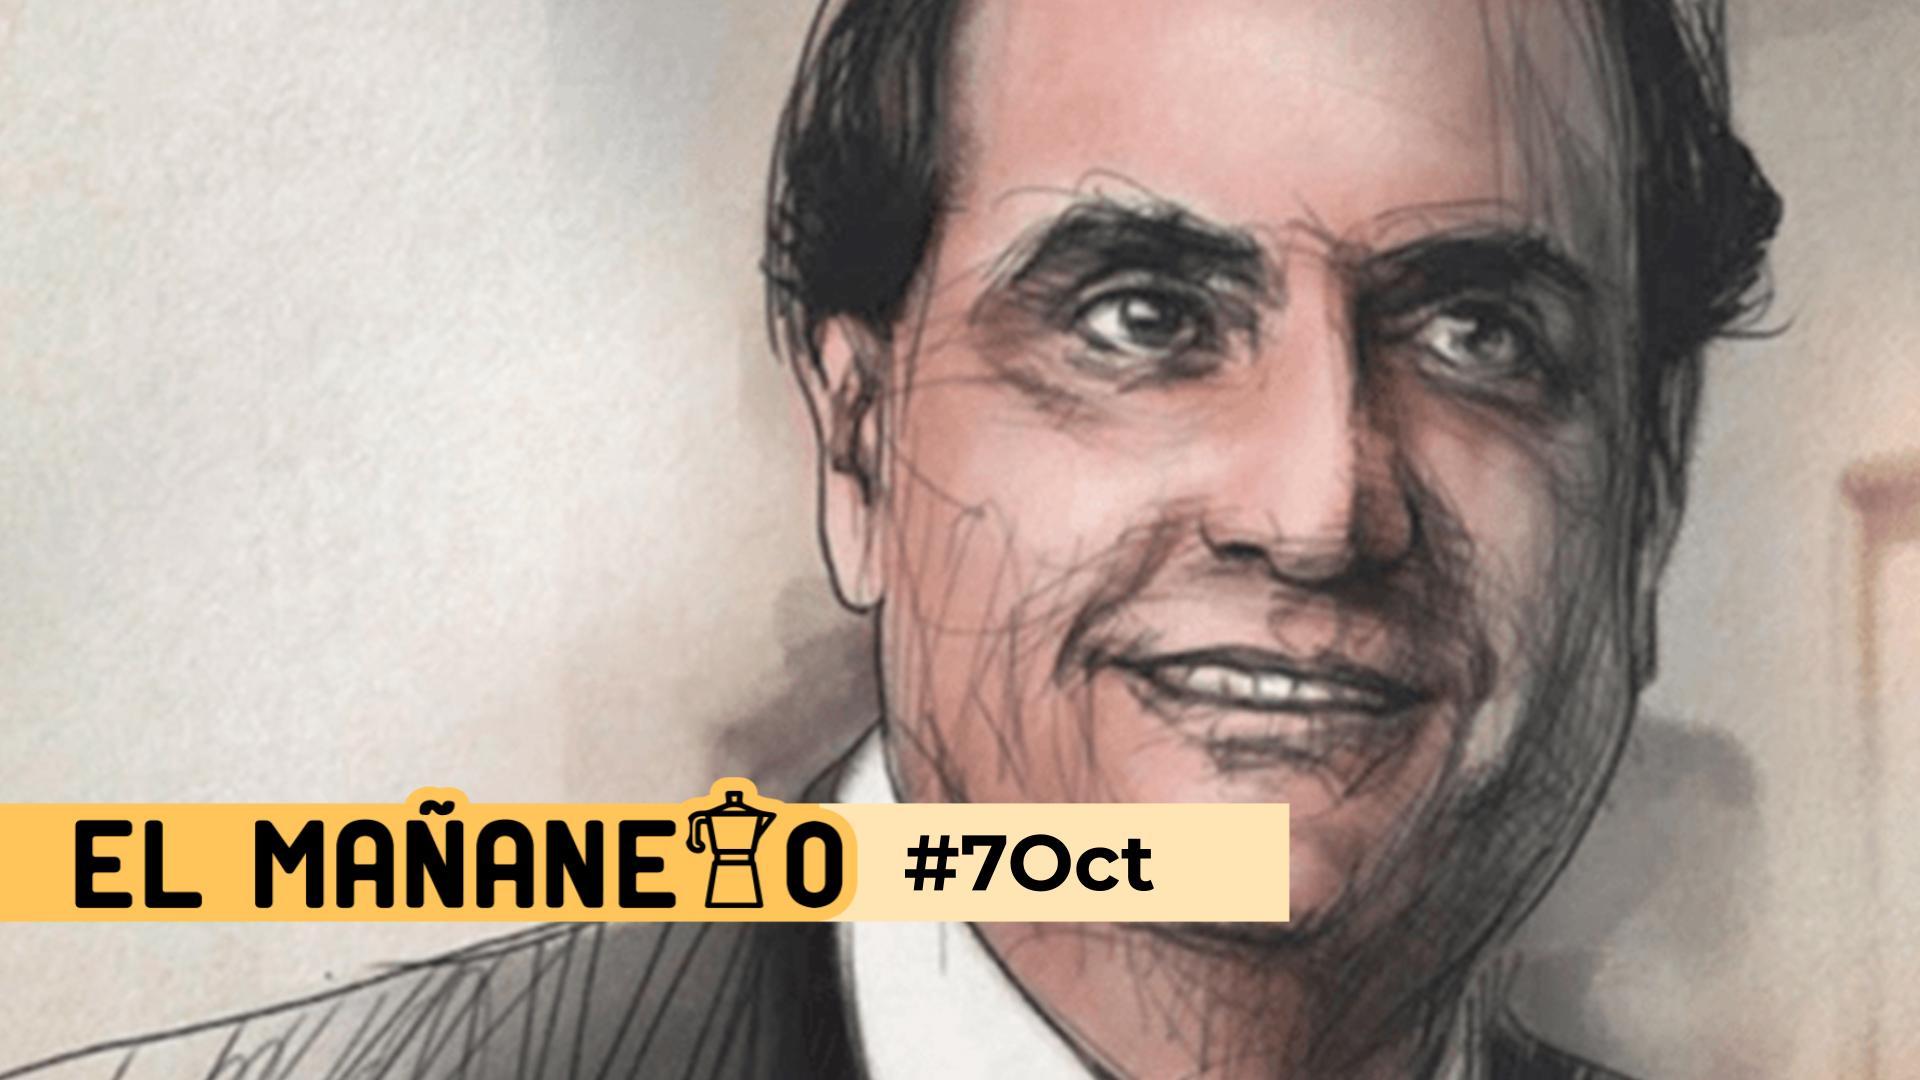 El Mañanero de hoy #7Oct: Las 8 noticias que debes saber